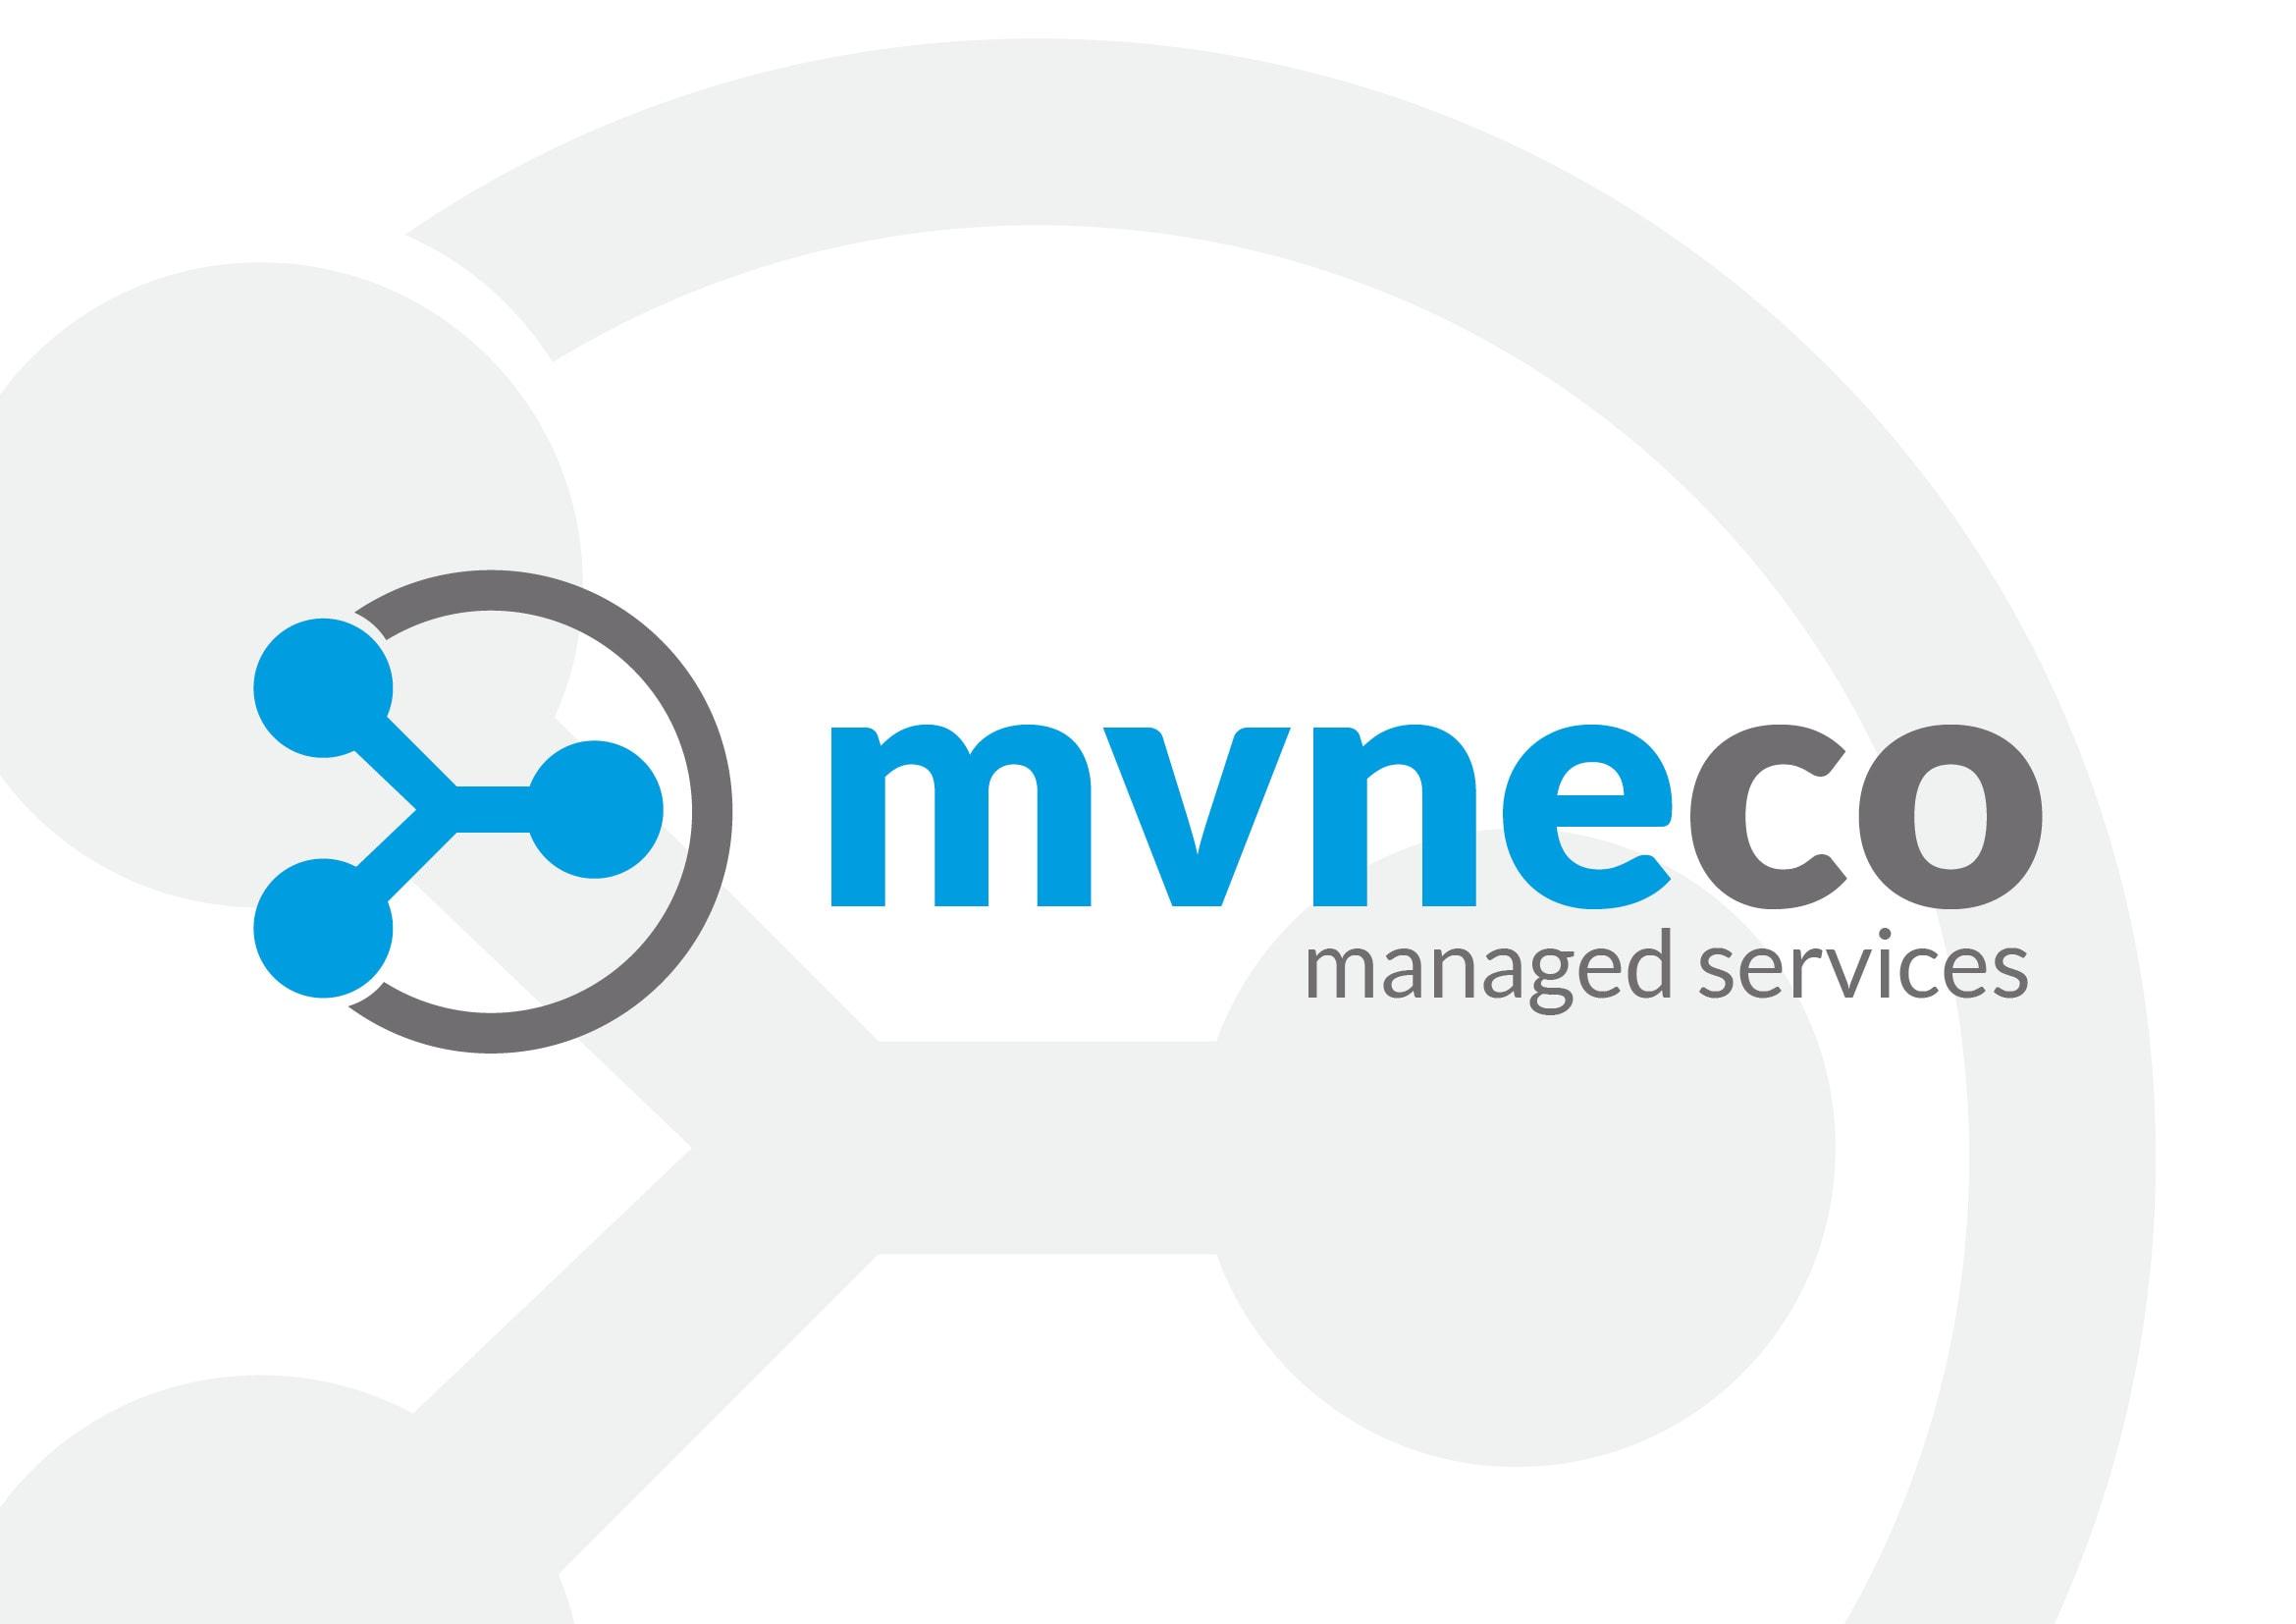 New Business: Website Entwicklung für Digitalisierungsunternehmen